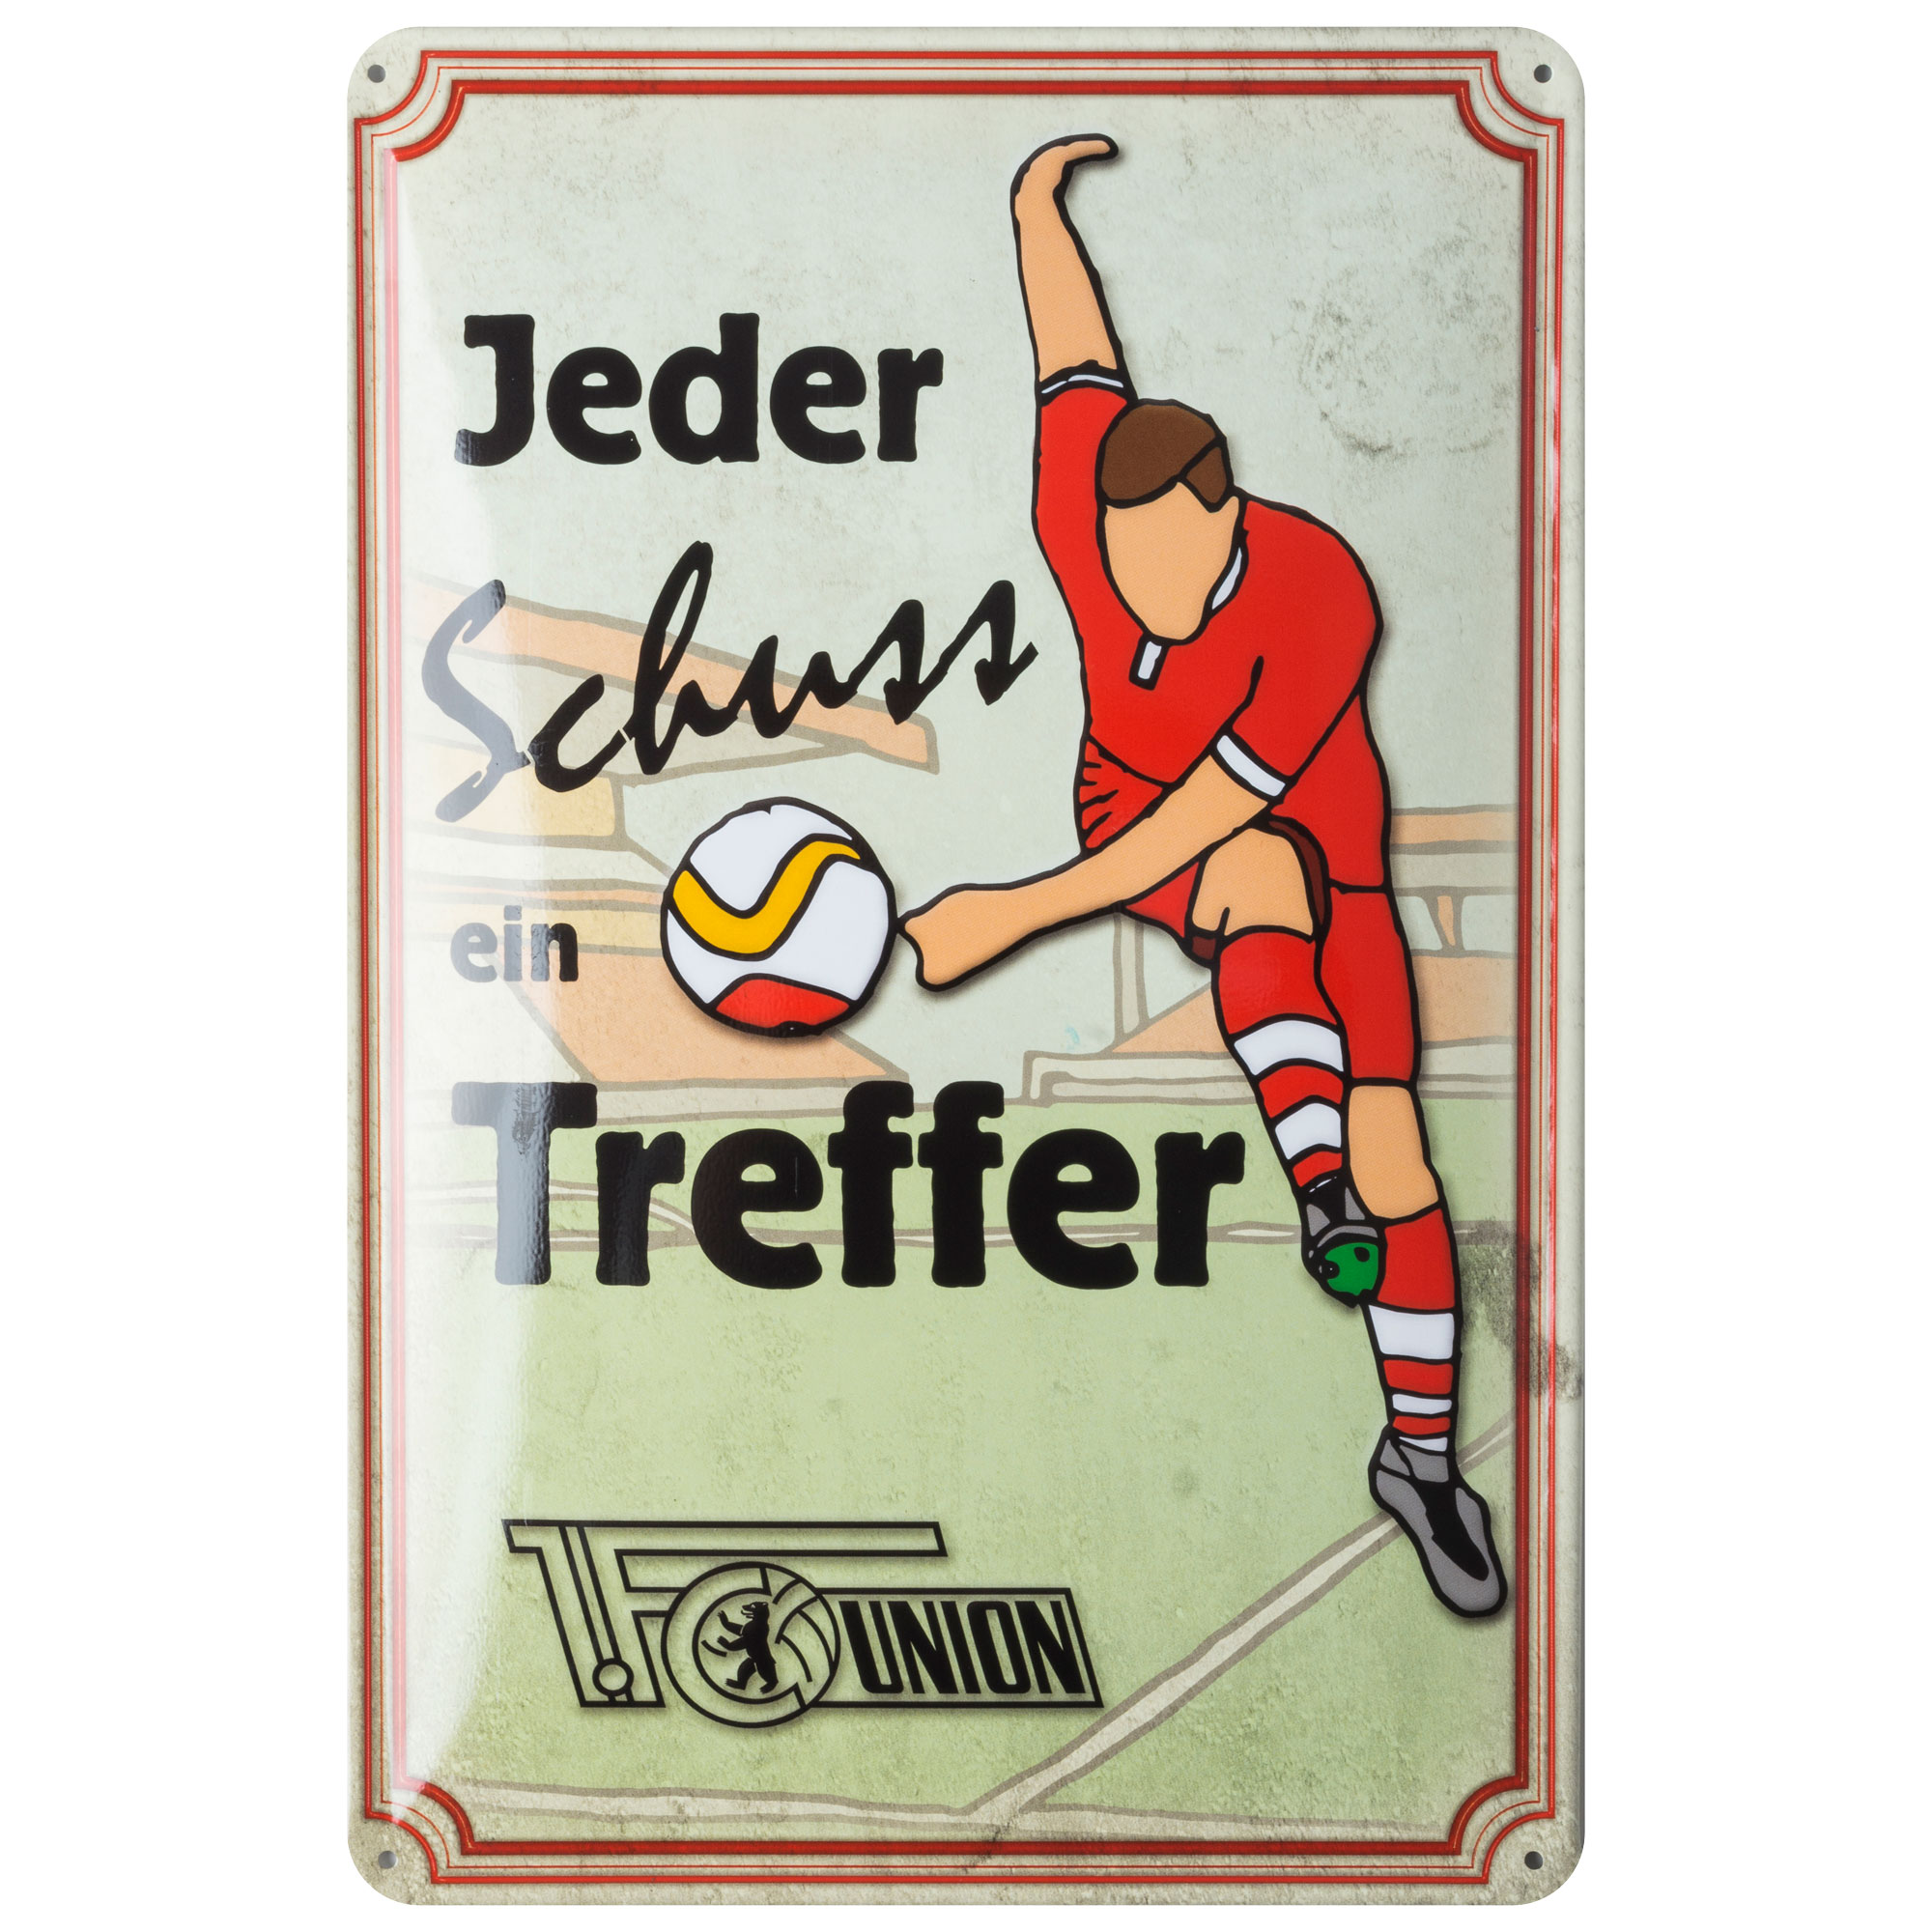 Metalen bord over de voetbalclub union berlin dit metalen bord bevat de tekst jeder schuss